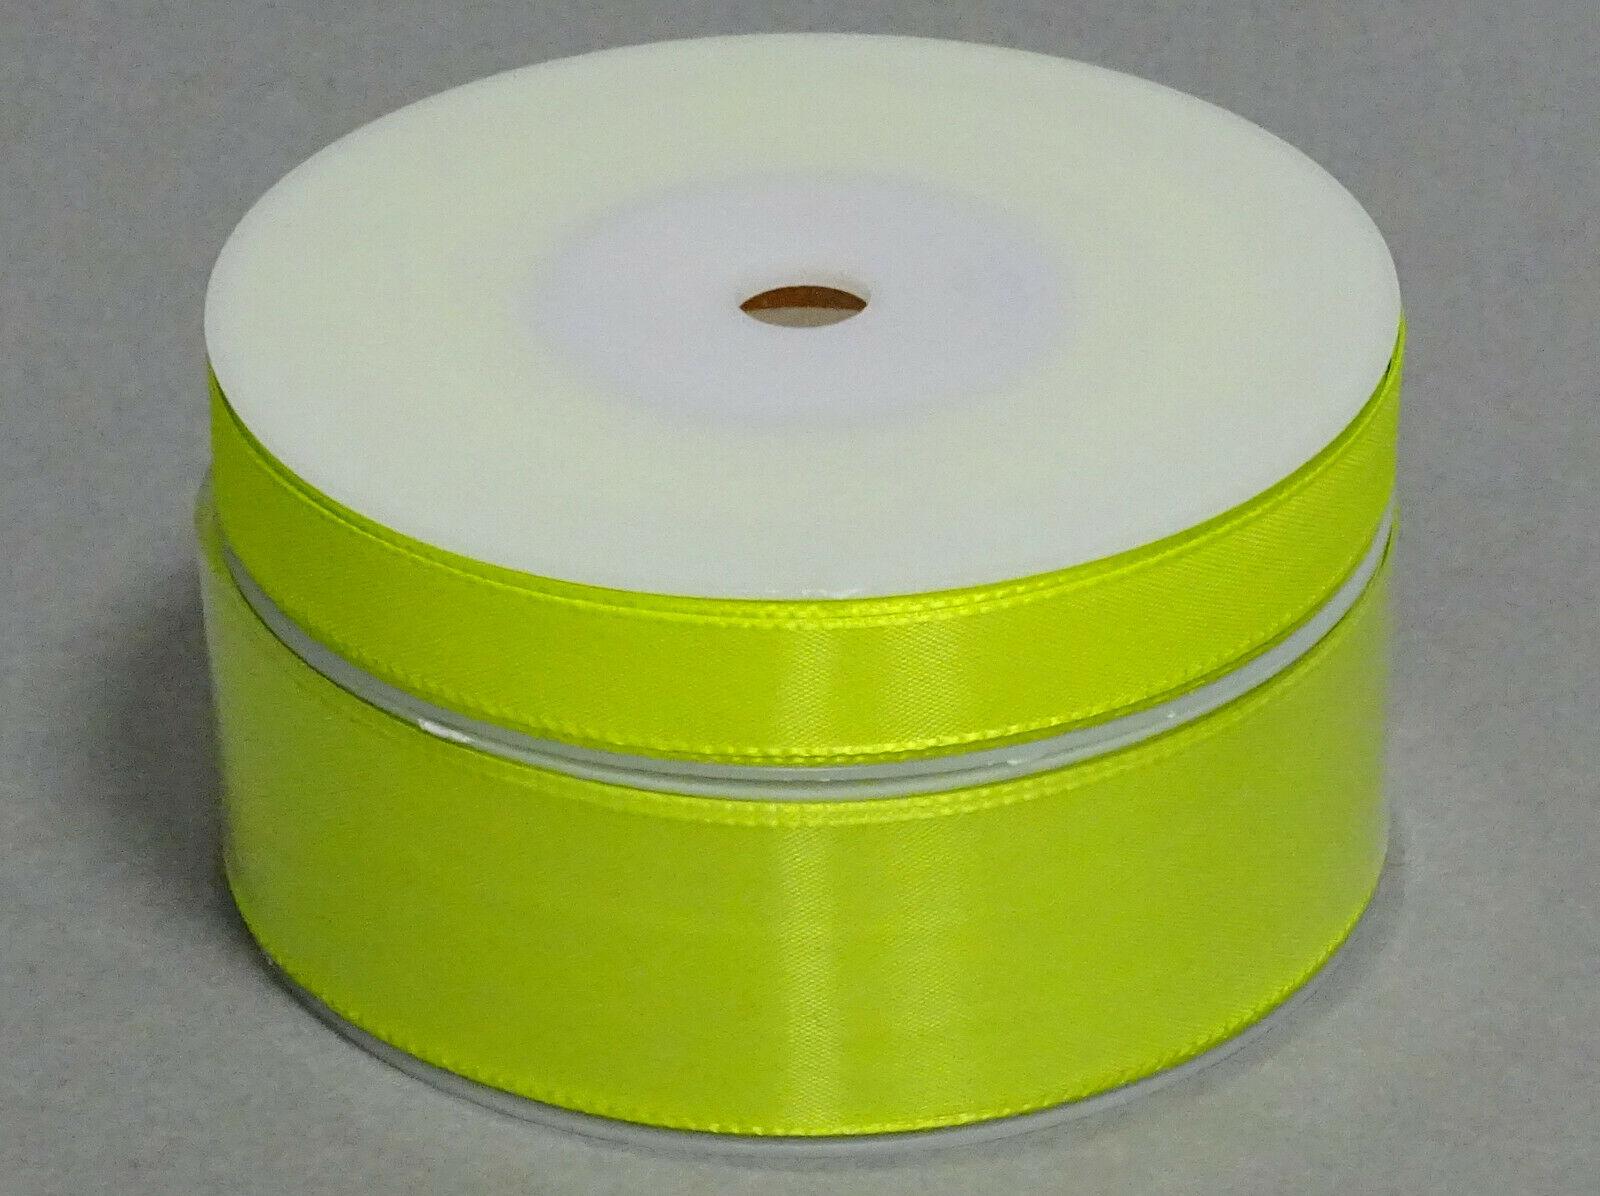 Seidenband Schleifenband 50 m x 15 mm / 40 mm Dekoband ab 0,08 €/m Geschenkband  - Lime-Grün 683, 40 mm x 50 m